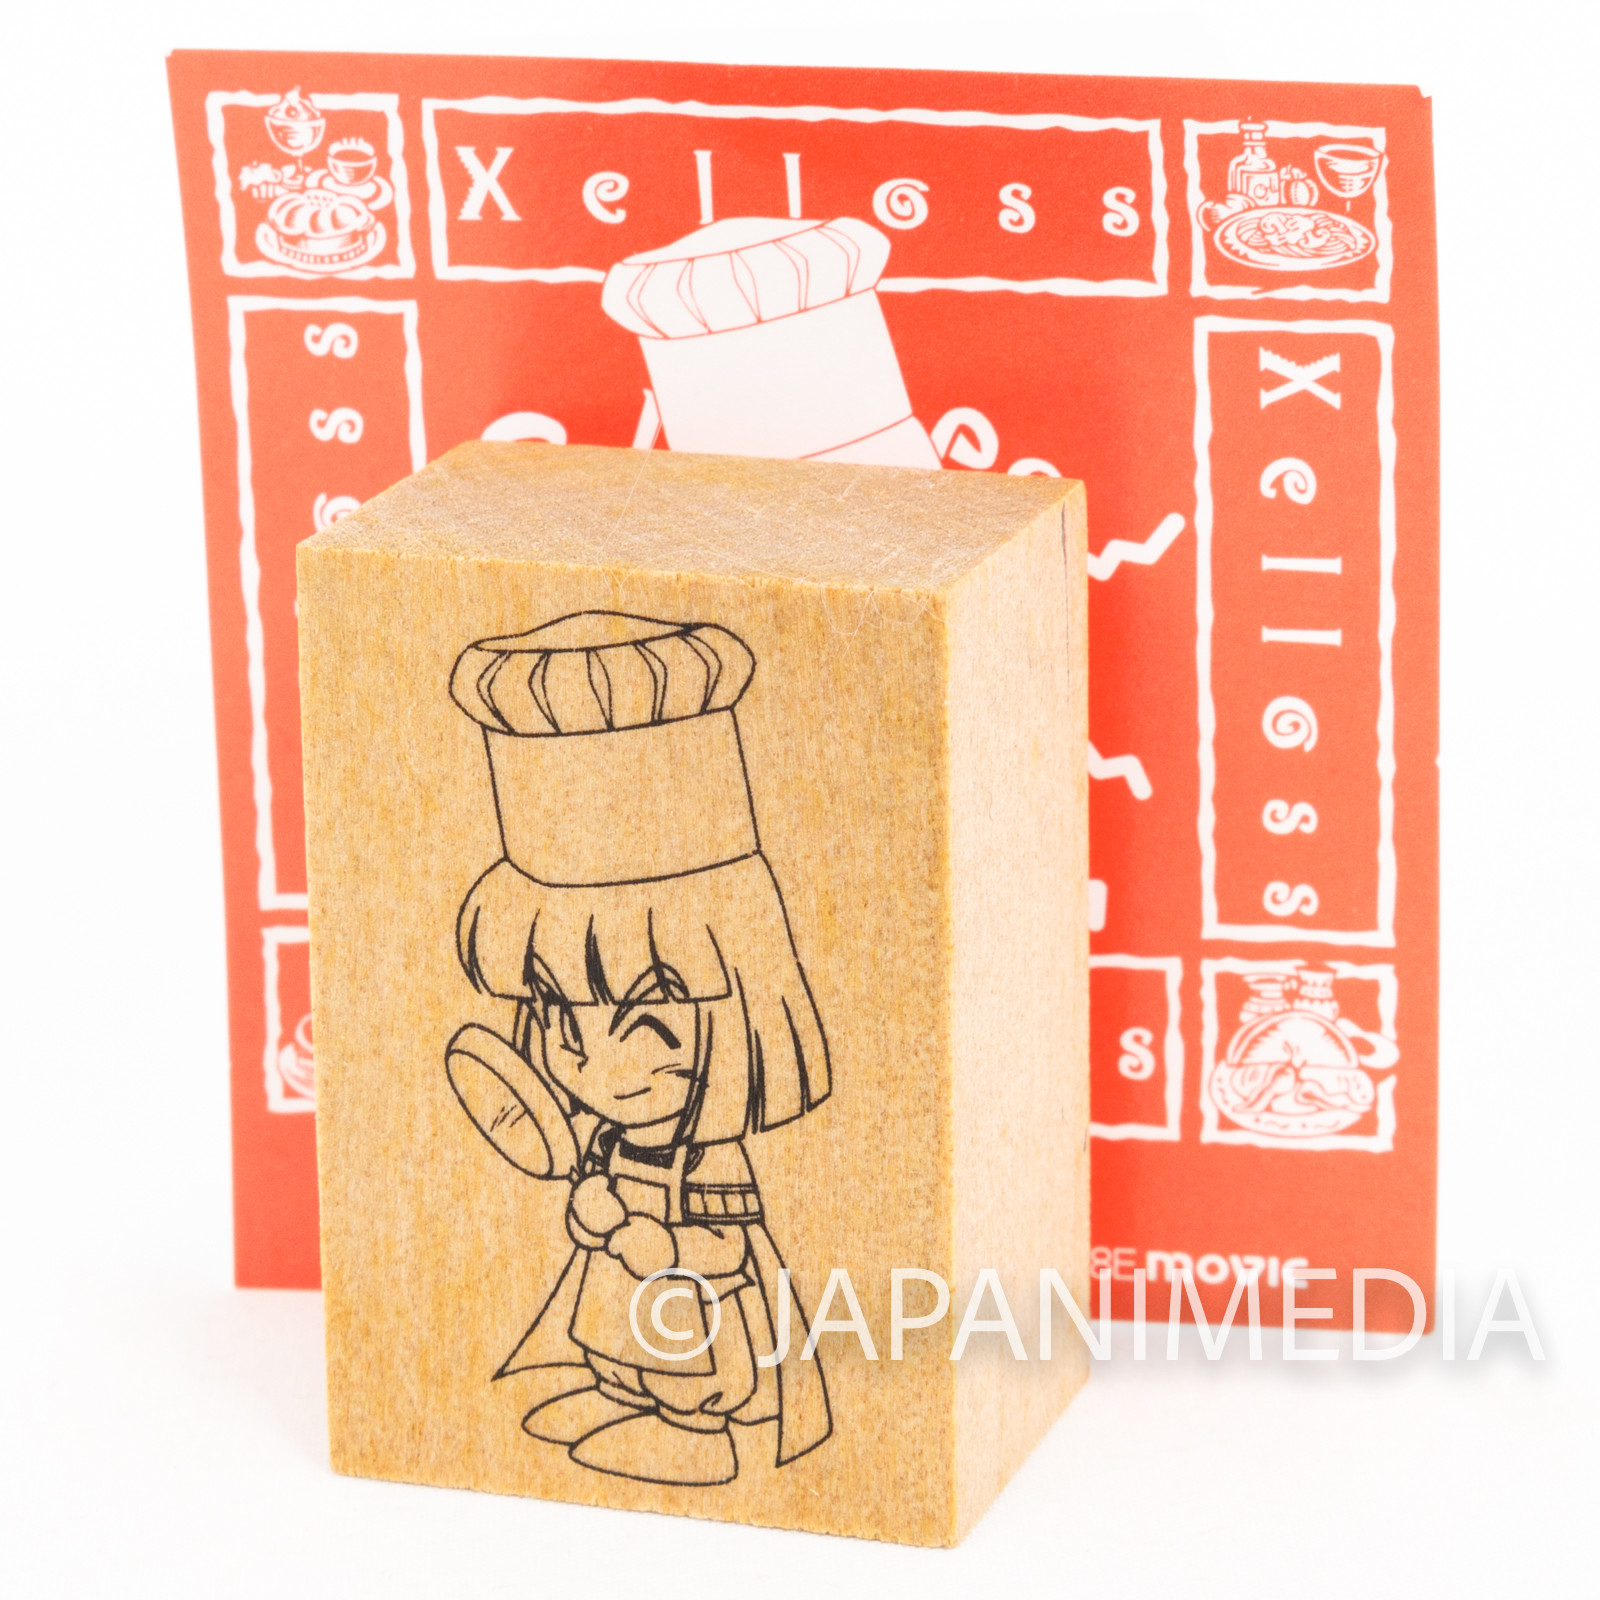 Slayers TRY Xelloss Stamp JAPAN ANIME